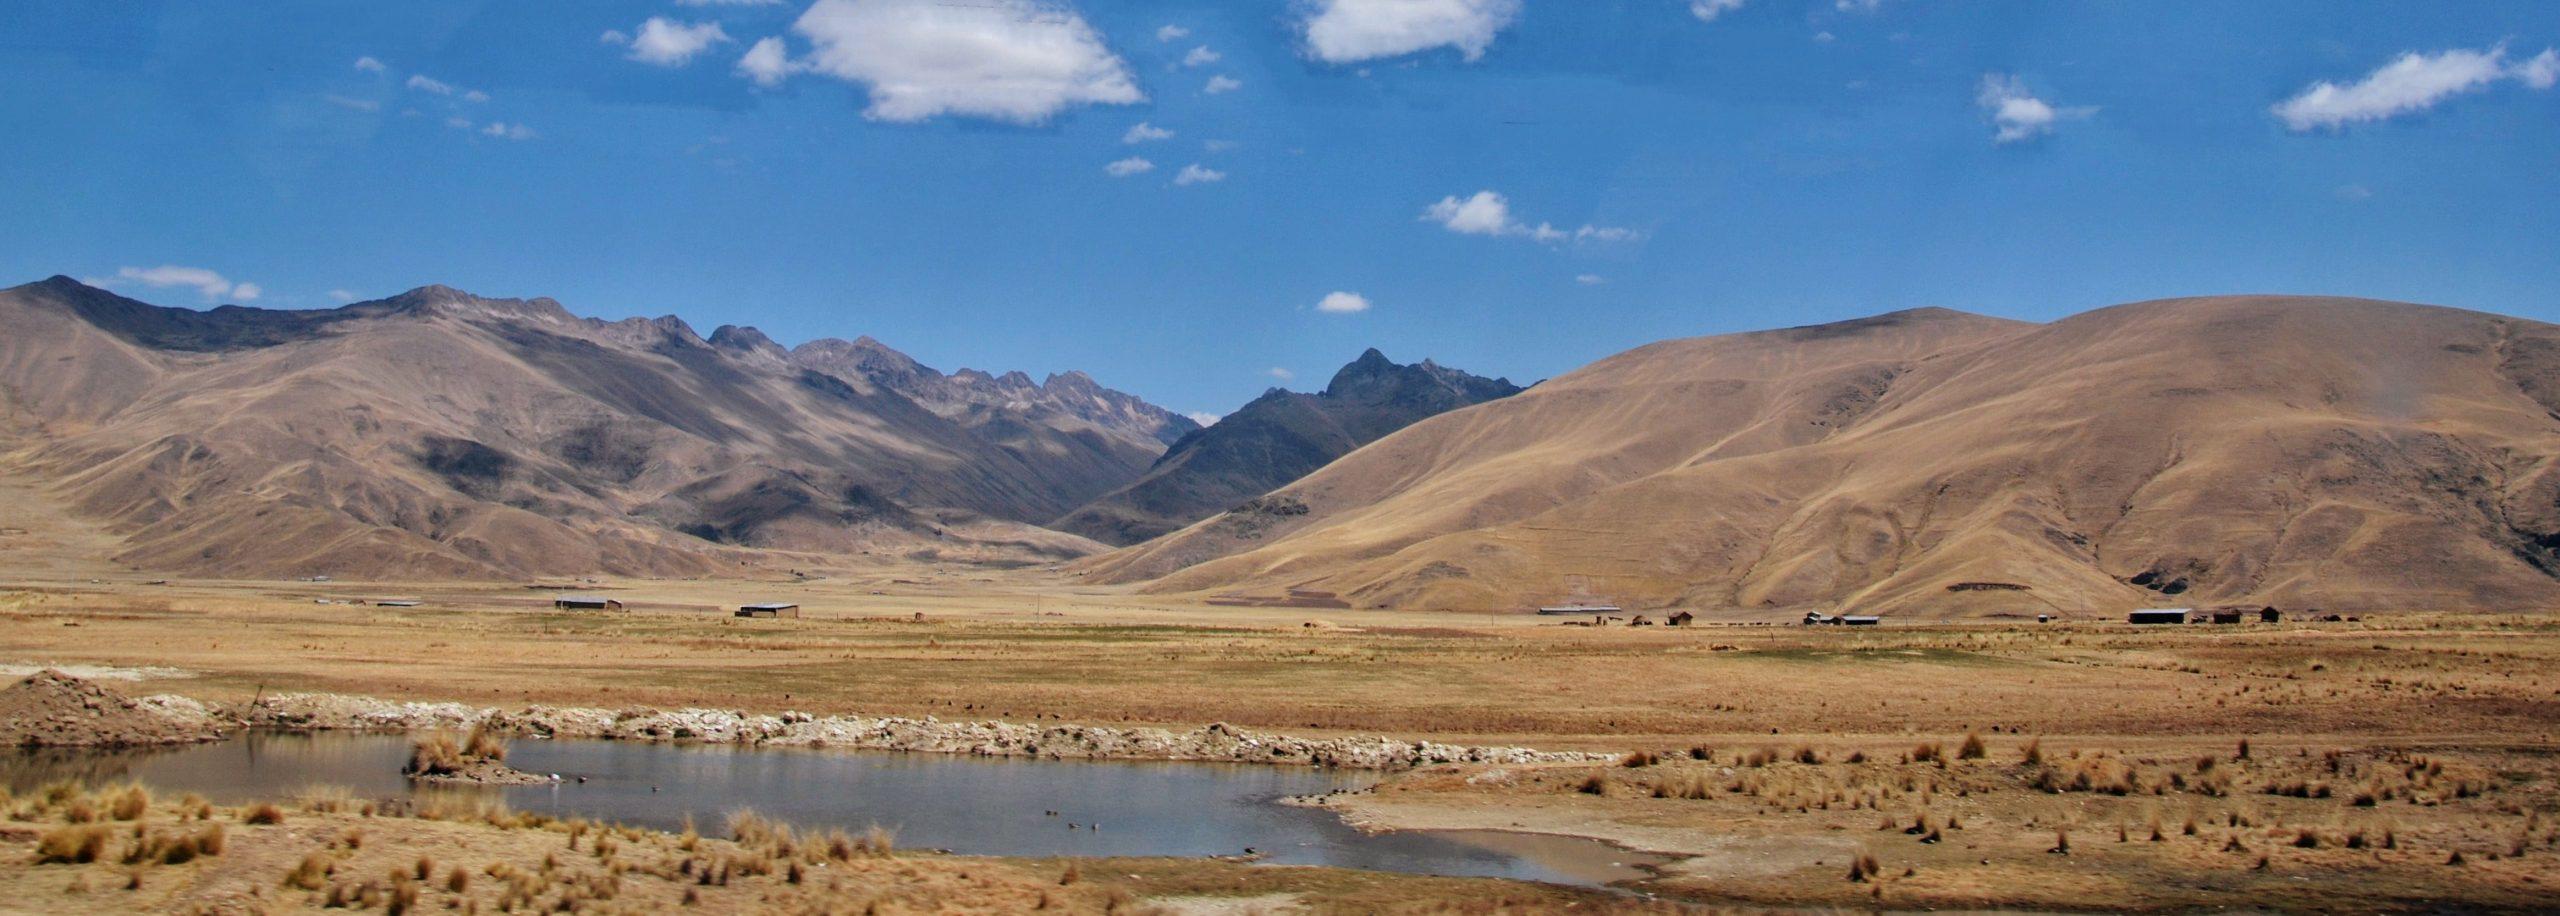 Un Itinerario Perfetto in Perù